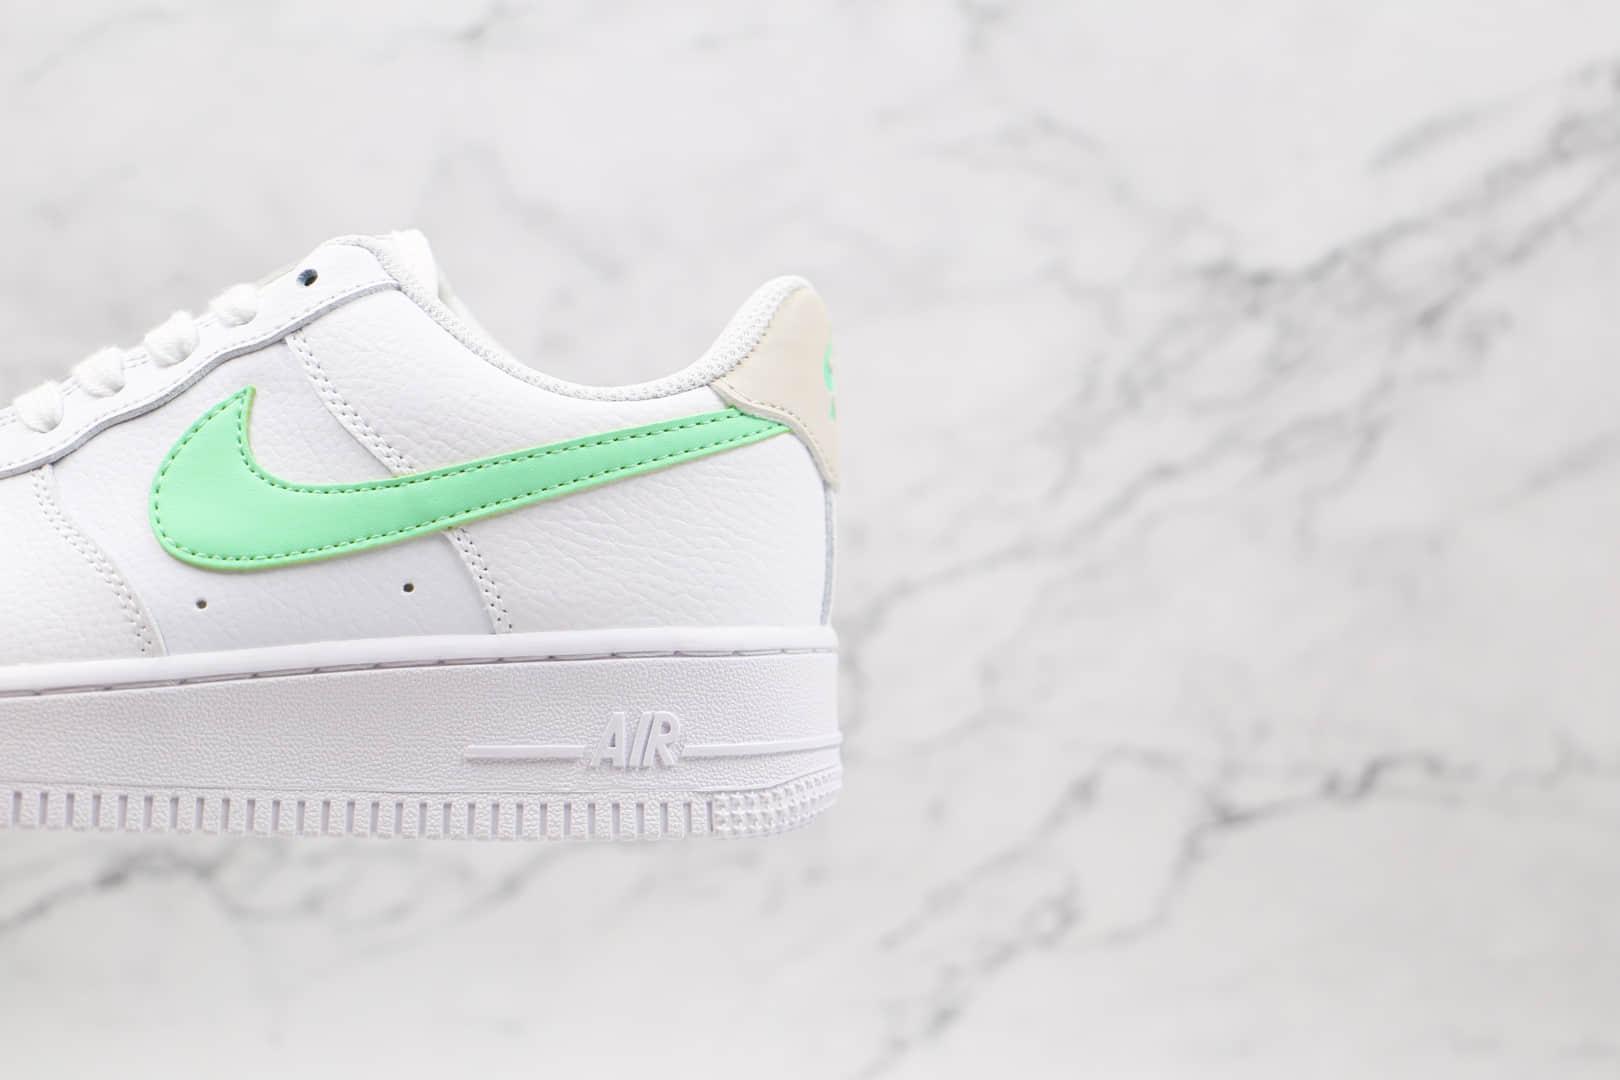 耐克Nike AIR FMRCE 1纯原版本低帮空军一号白青色板鞋原档案数据开发 货号:315115-164